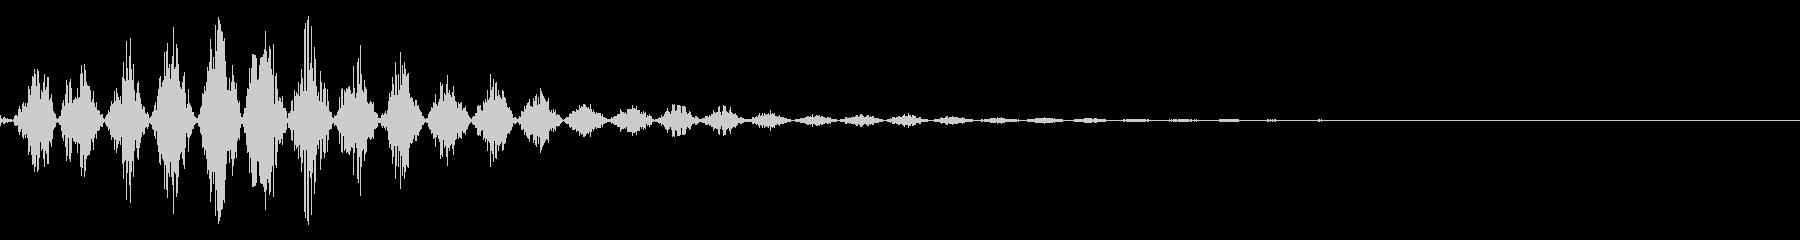 電子的上昇音の未再生の波形